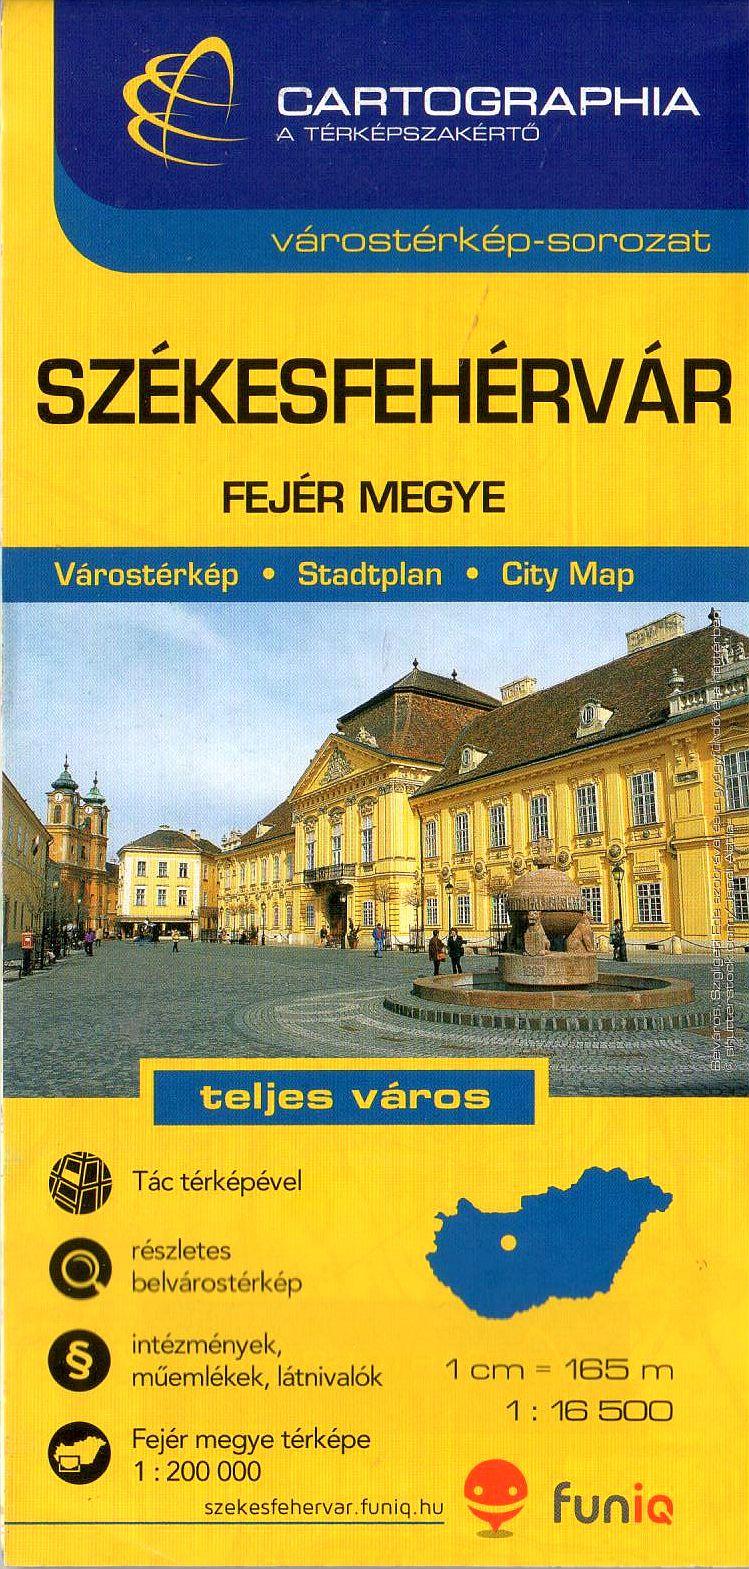 Székesfehérvár és Tác + Fejér megye autós- és biciklis térképe turista információkkal